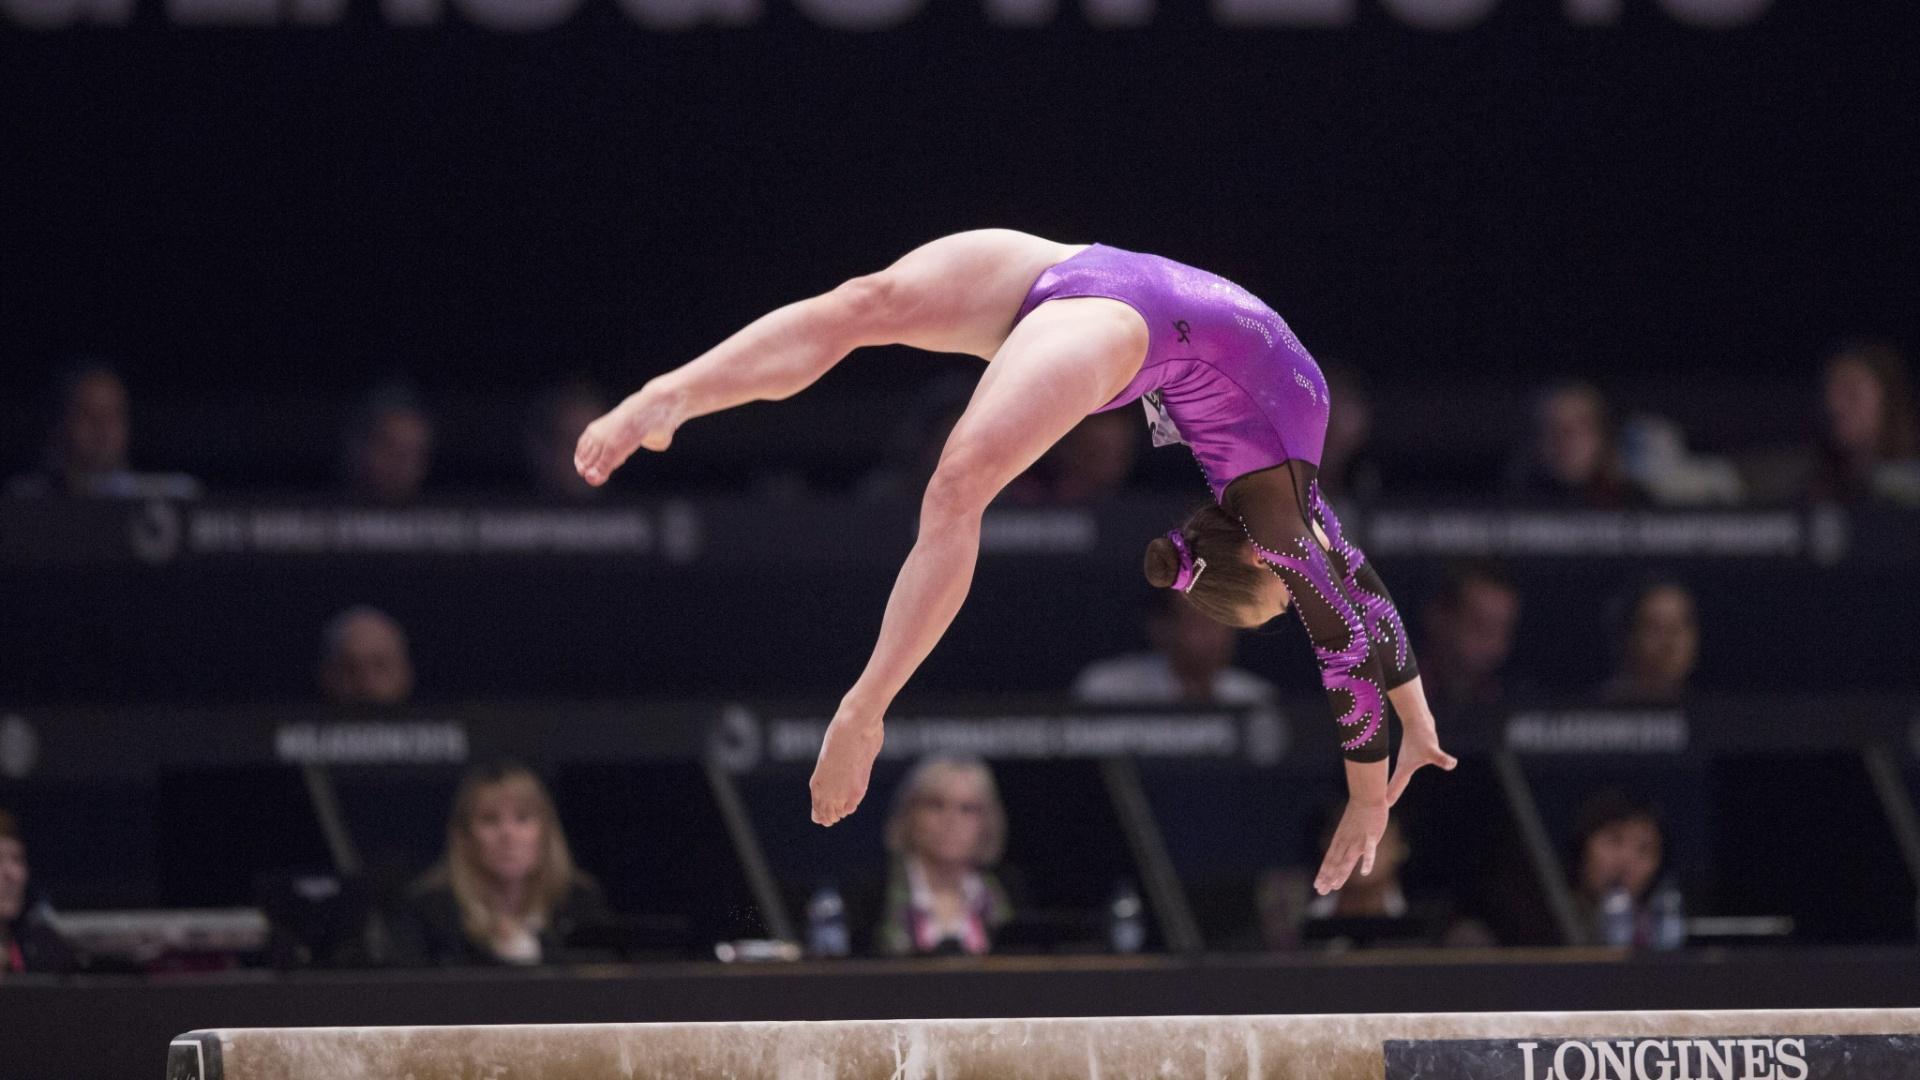 Madeline Leydin, da Austrália, durante sua apresentação na trave, na eliminatória do Mundial de ginástica em Glasgow, na Escócia